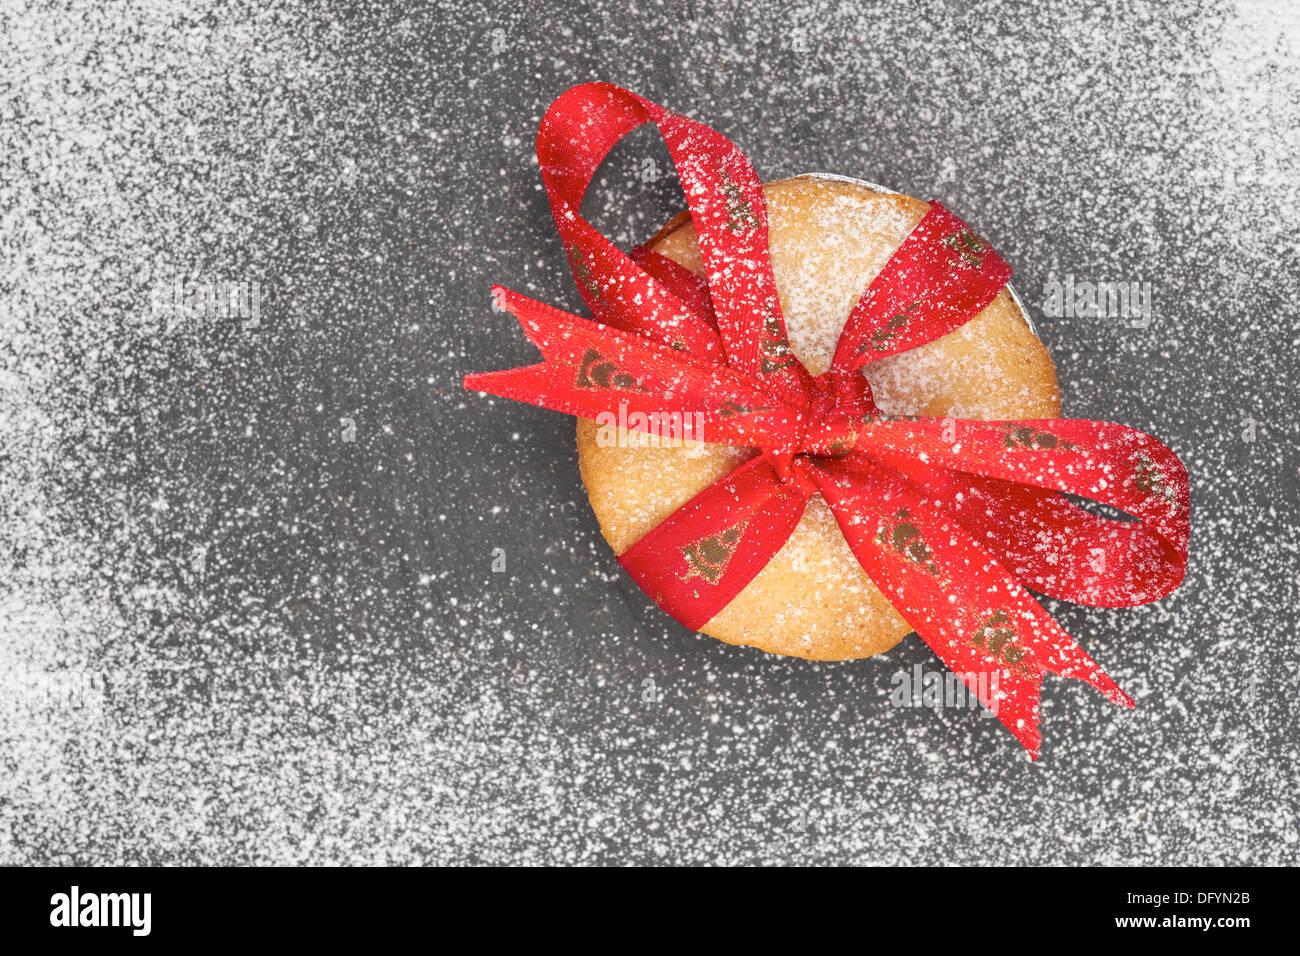 Süße Weihnachten Mince Pie mit einem roten Band gebunden um es auf einer Tafel Kühlung Board mit Puderzucker bestreuen. Stockbild